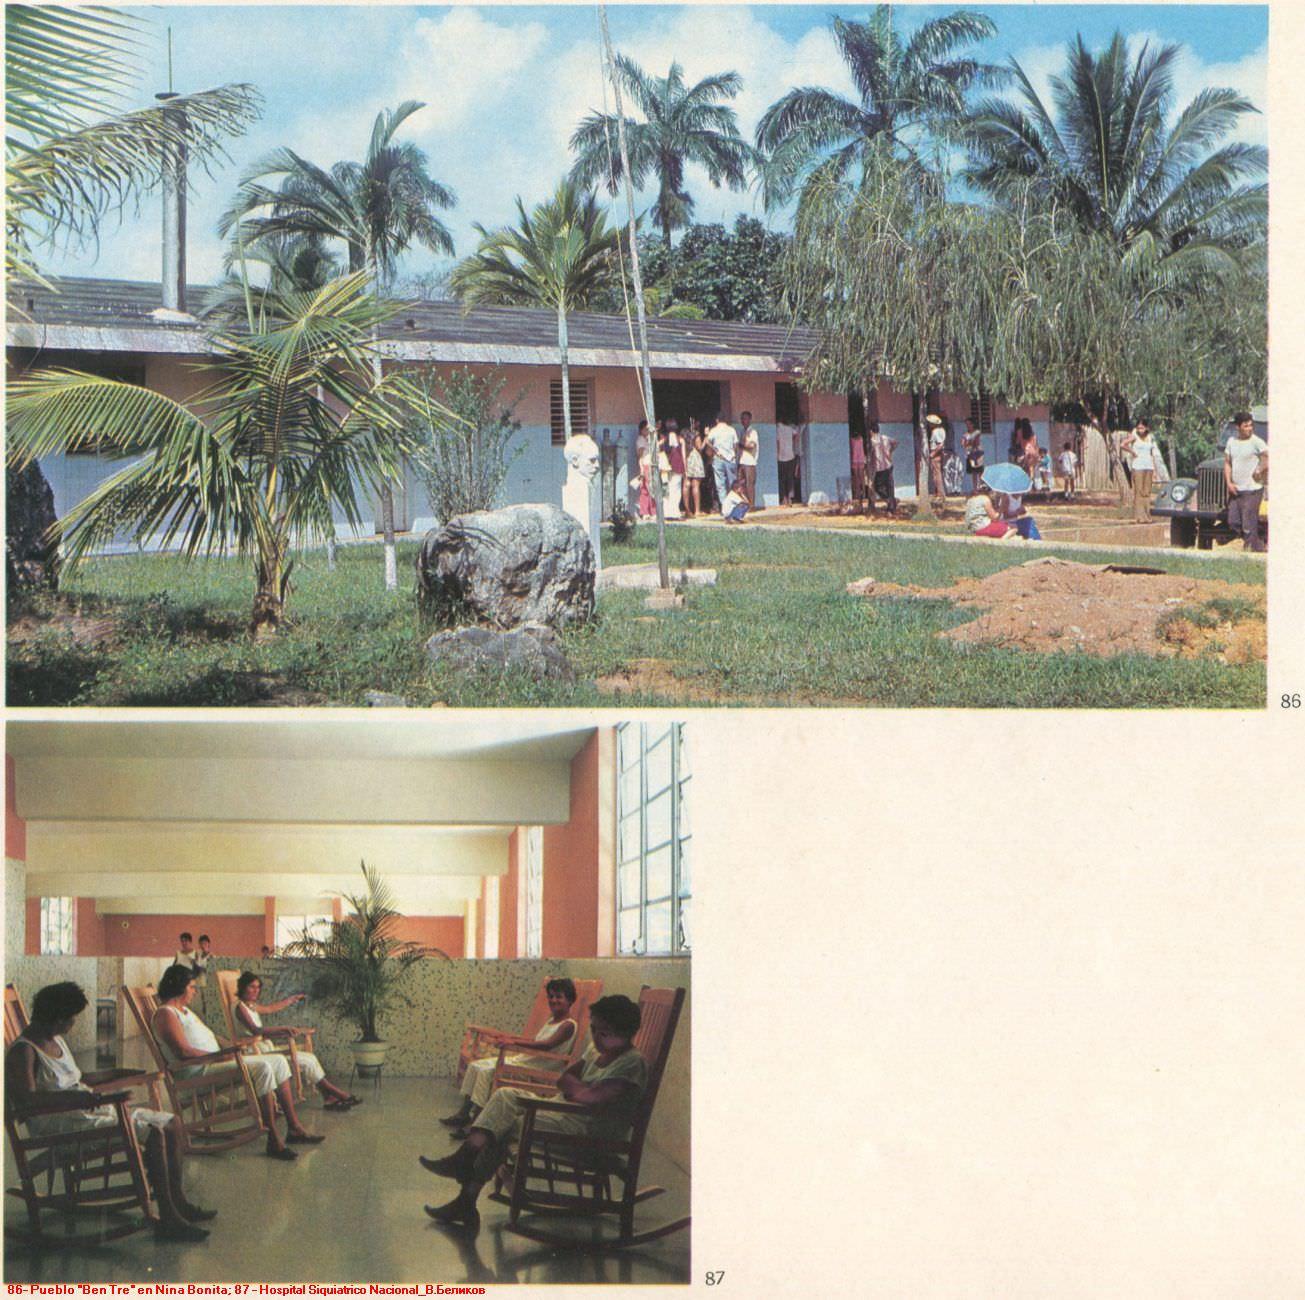 086. Pueblo «Ben Tre» en Nina Bonita. 087. Hospital Siquiatrico Nacional